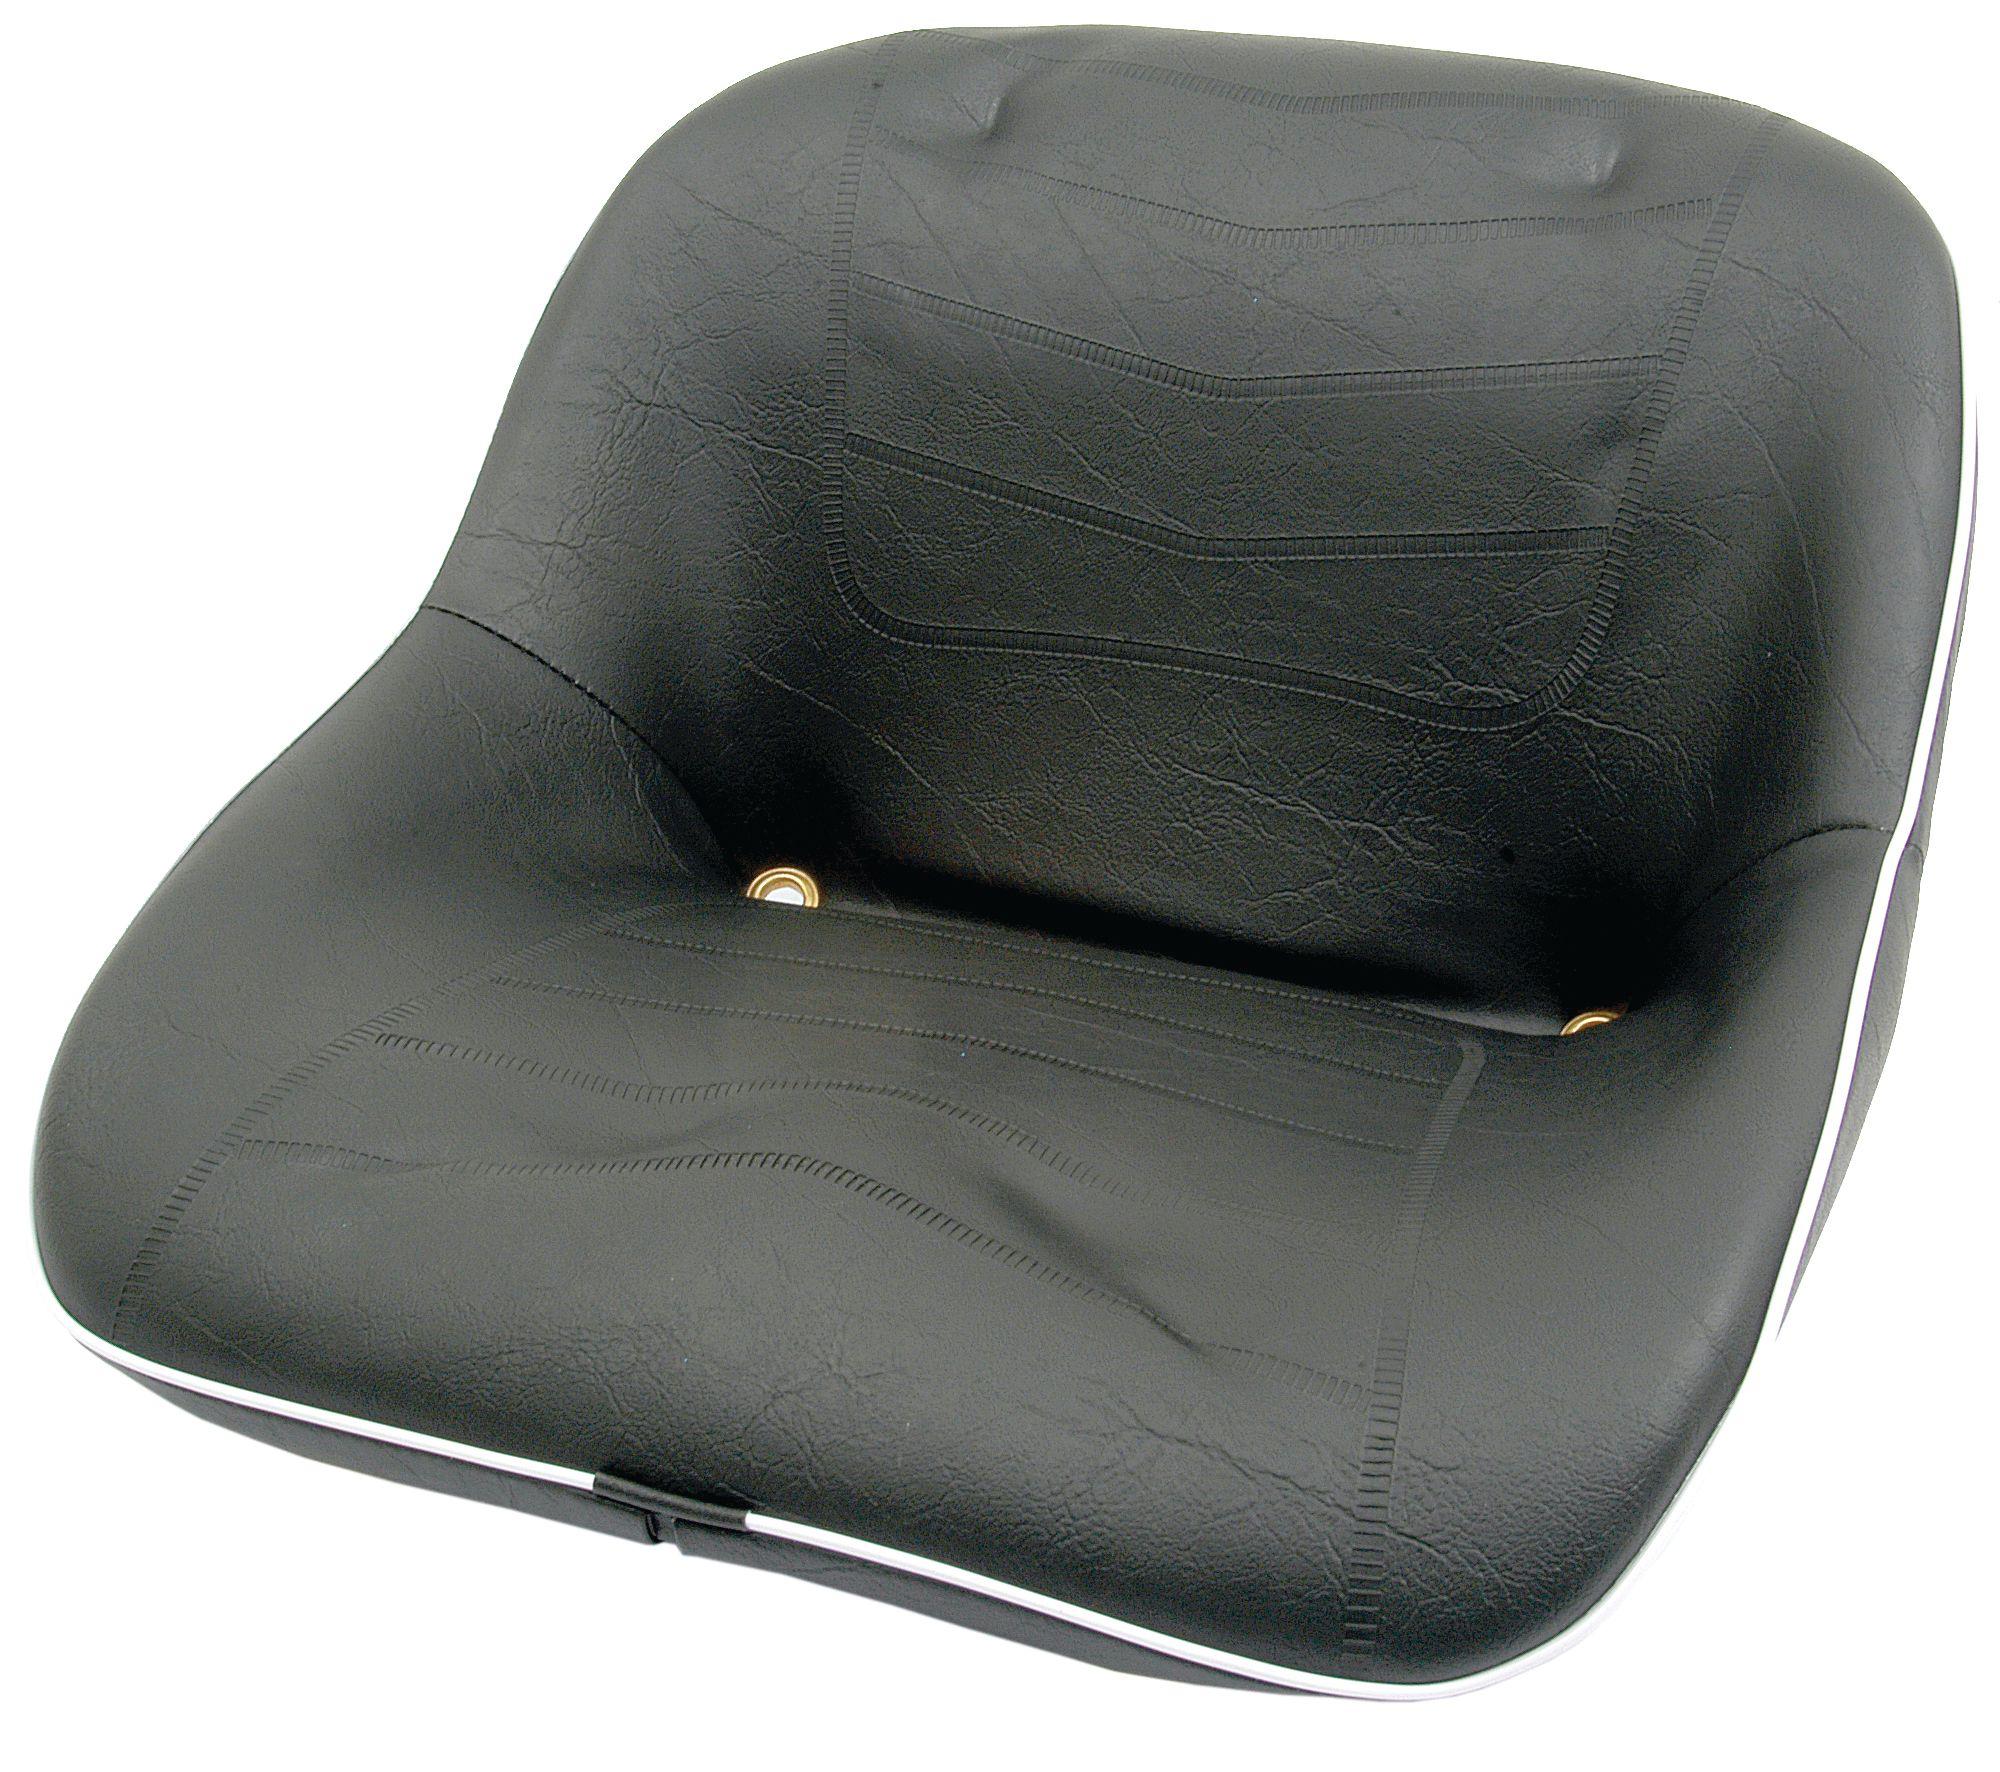 HINOMOTO SEAT ASSMEBLY HINOMOTO 20352